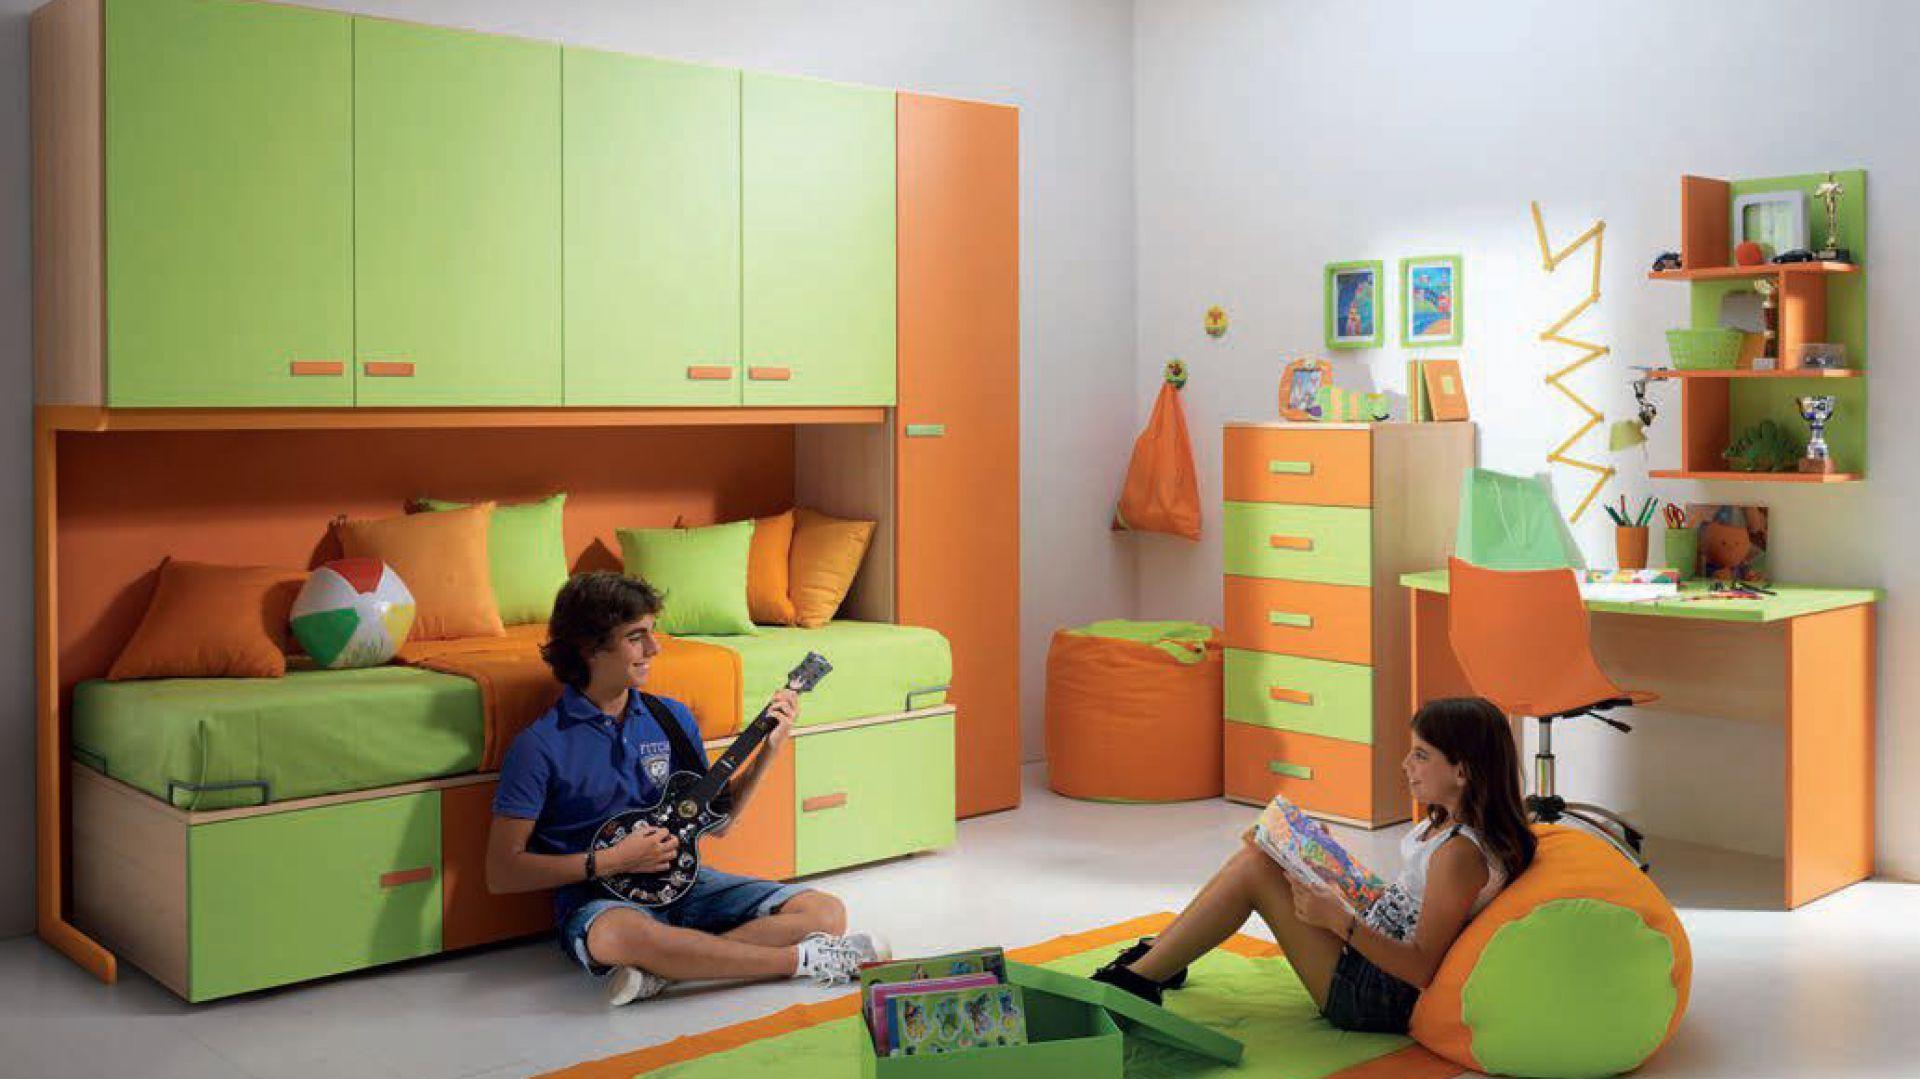 Kontrast idealny: energetyzujący pomarańcz i relaksująca zieleń. Kolekcja Diaro. Fot. Battistella.